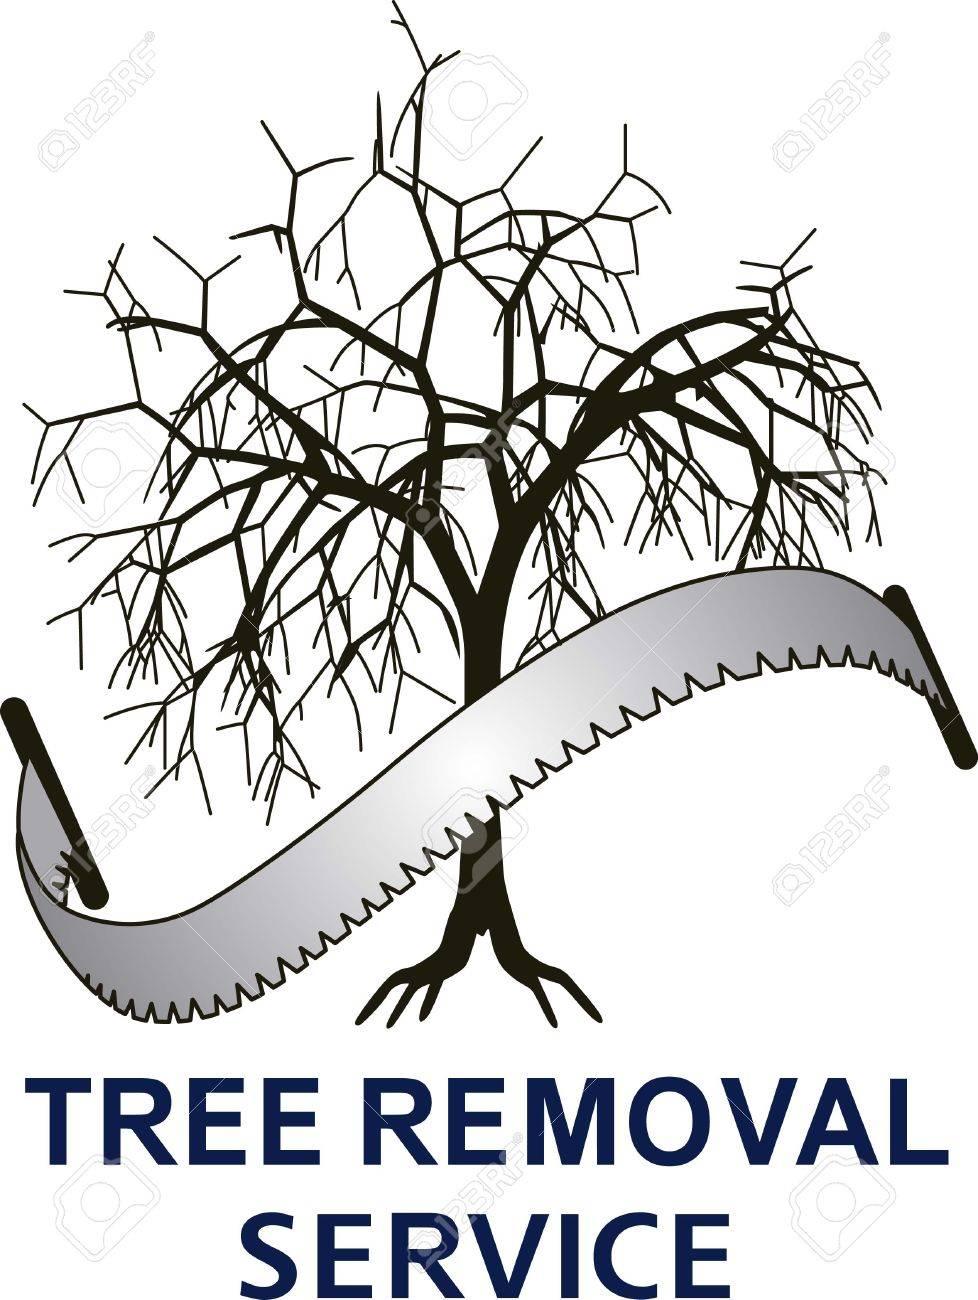 Tree Services Company Clip Art